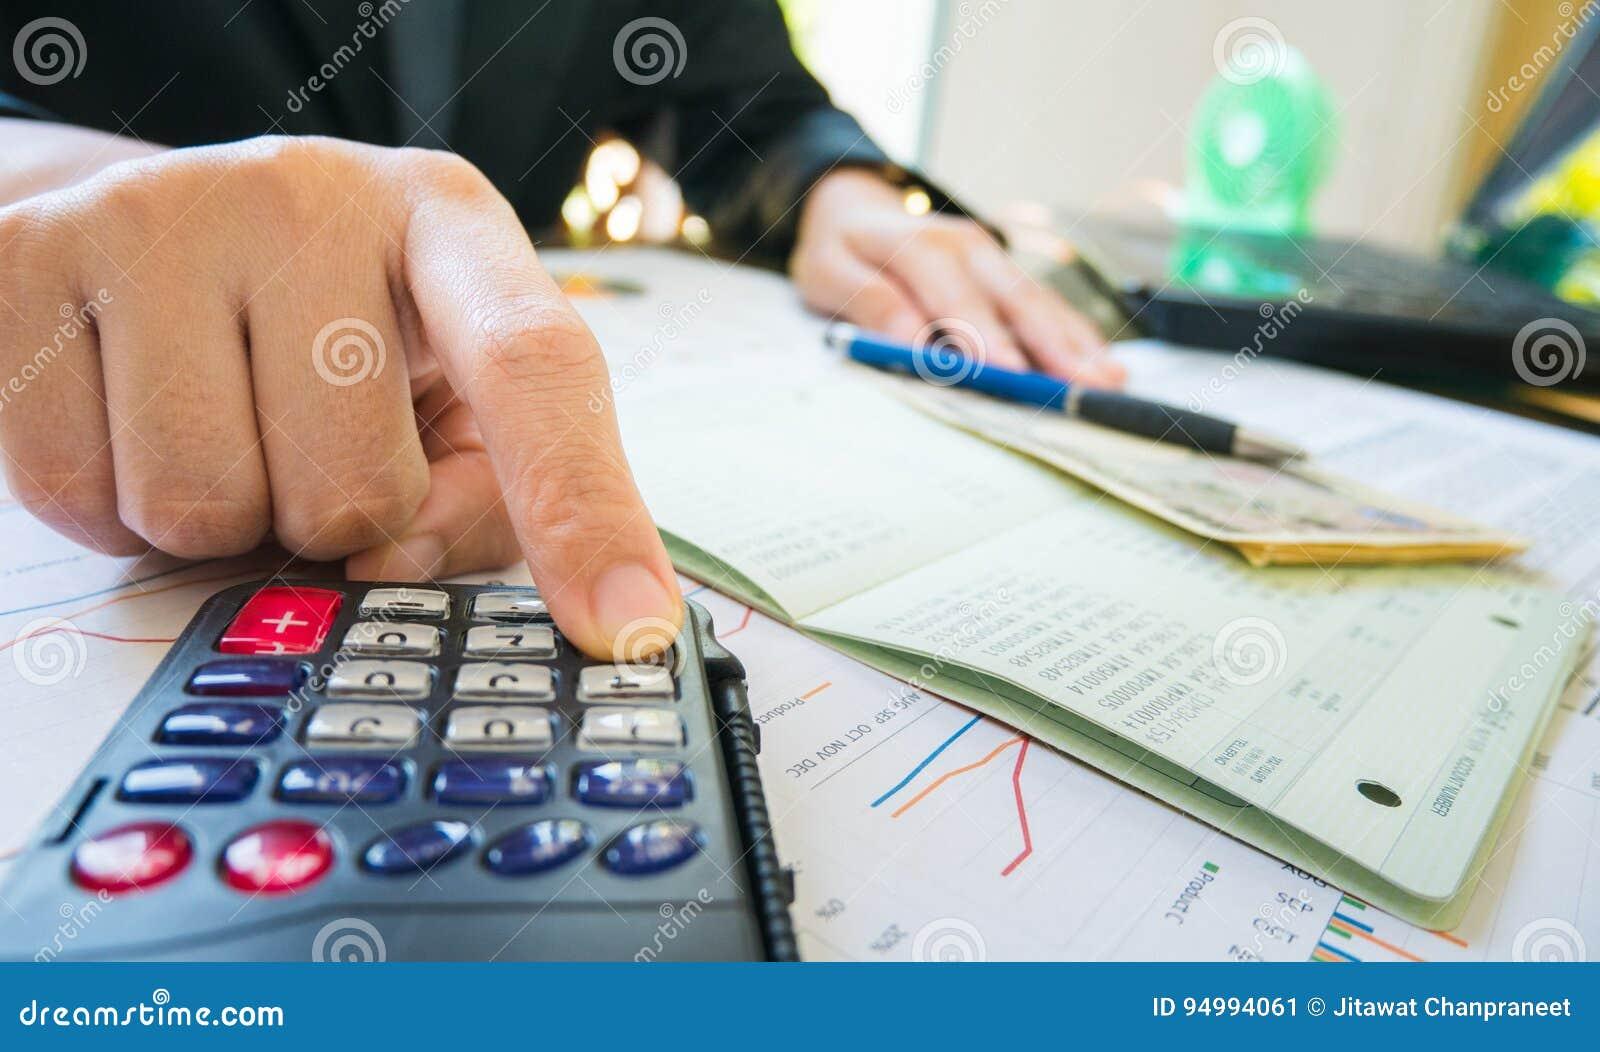 Μάνδρα λαβής χεριών επιχειρησιακών γυναικών και υπολογιστής χρήσης στη δήλωση ή οικονομική έκθεση στην επιχειρησιακή έννοια